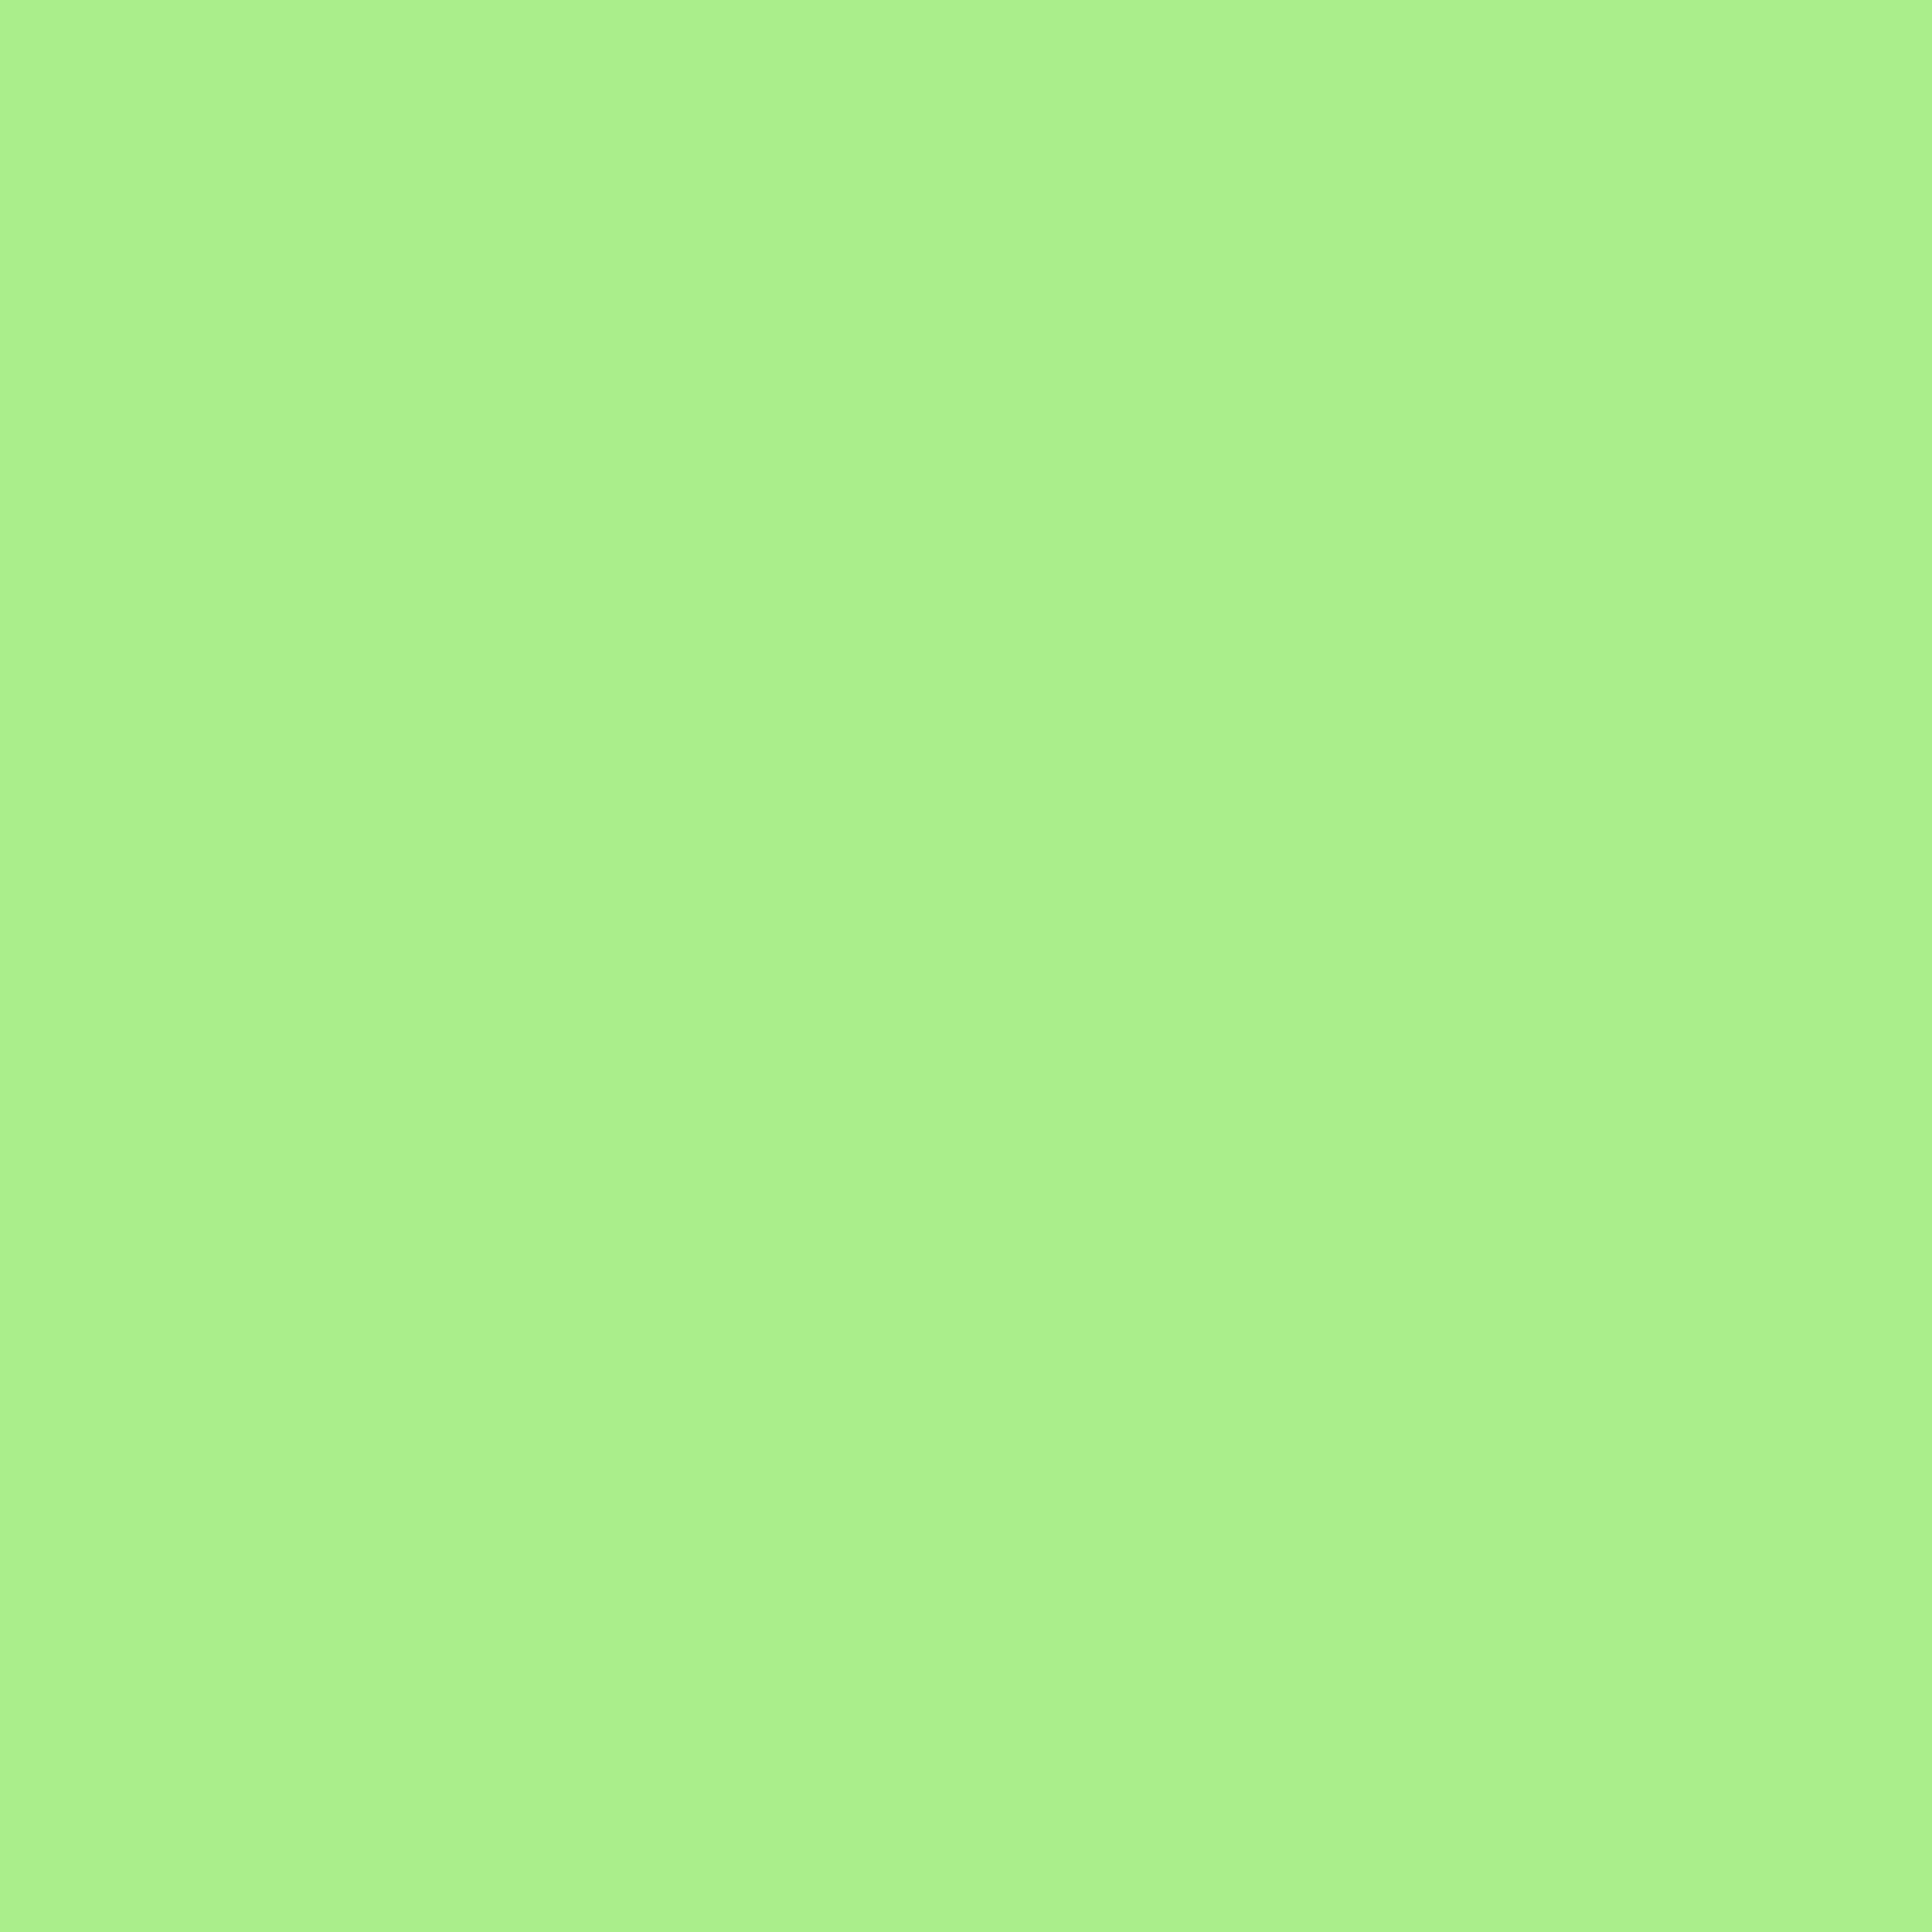 PANTONE 909 C